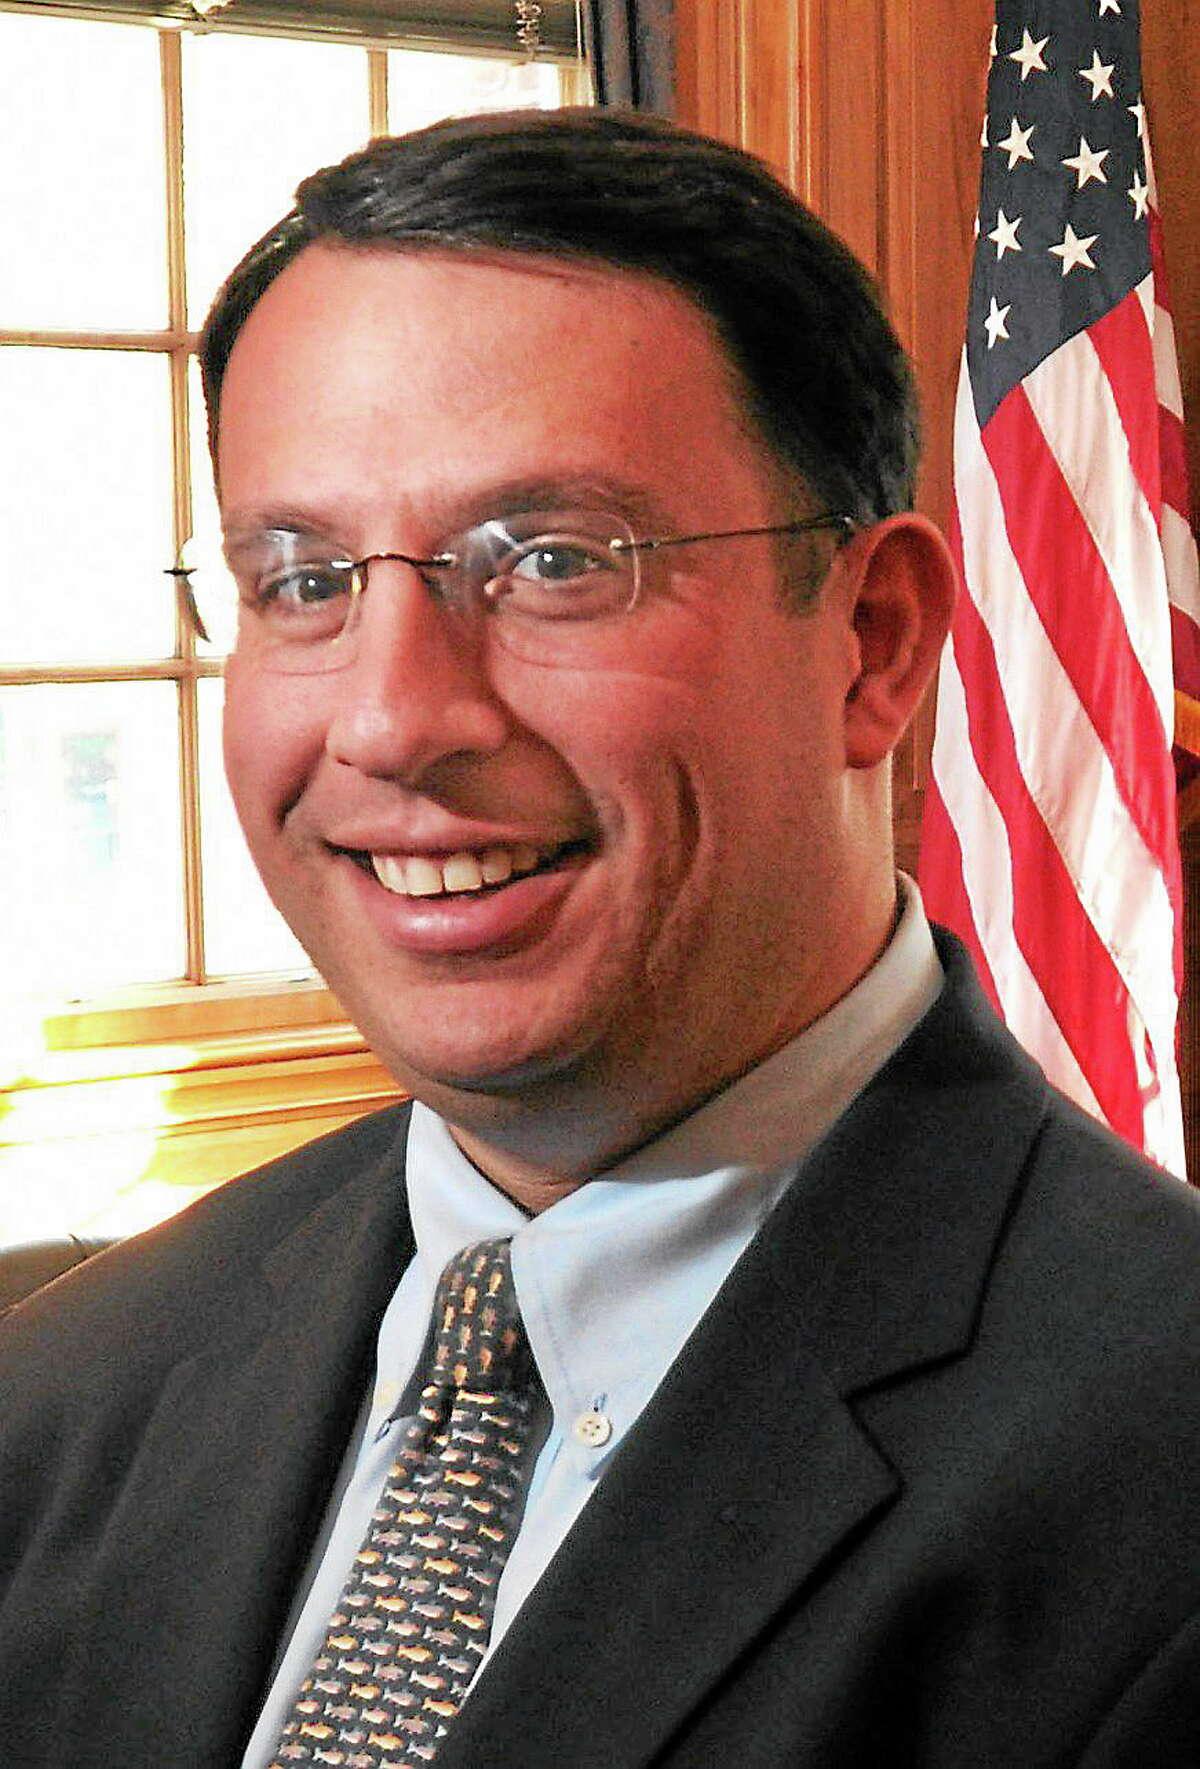 Mayor Ben Blake